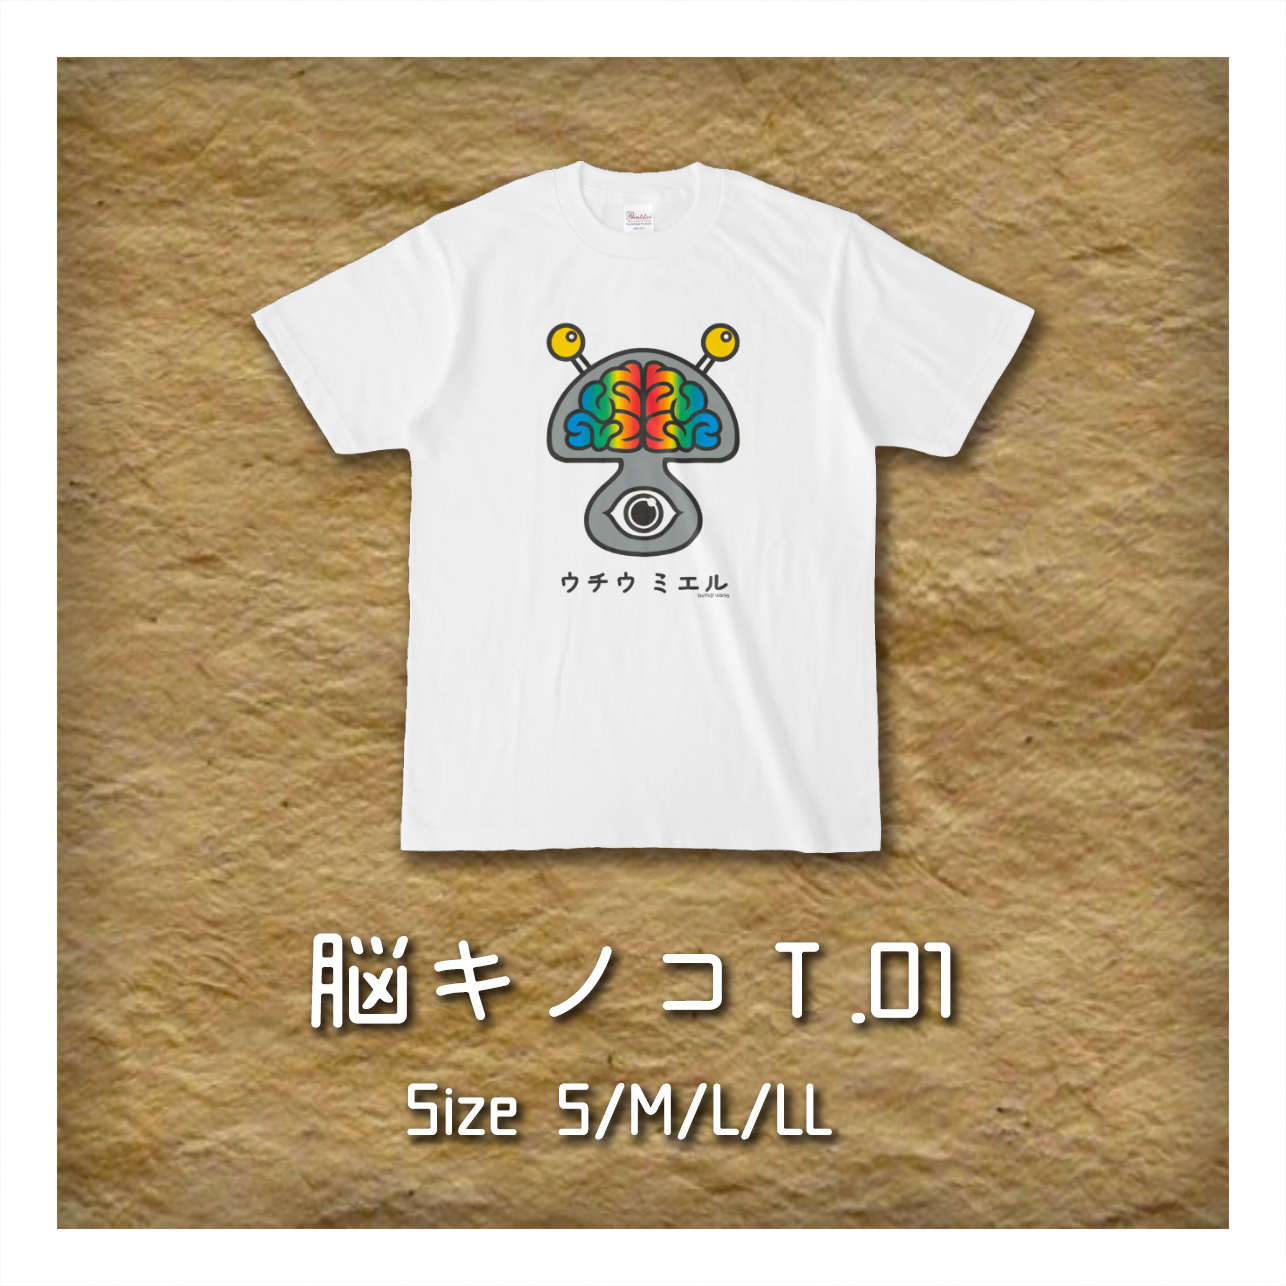 Tシャツ「脳キノコ.01」(UNISEX)